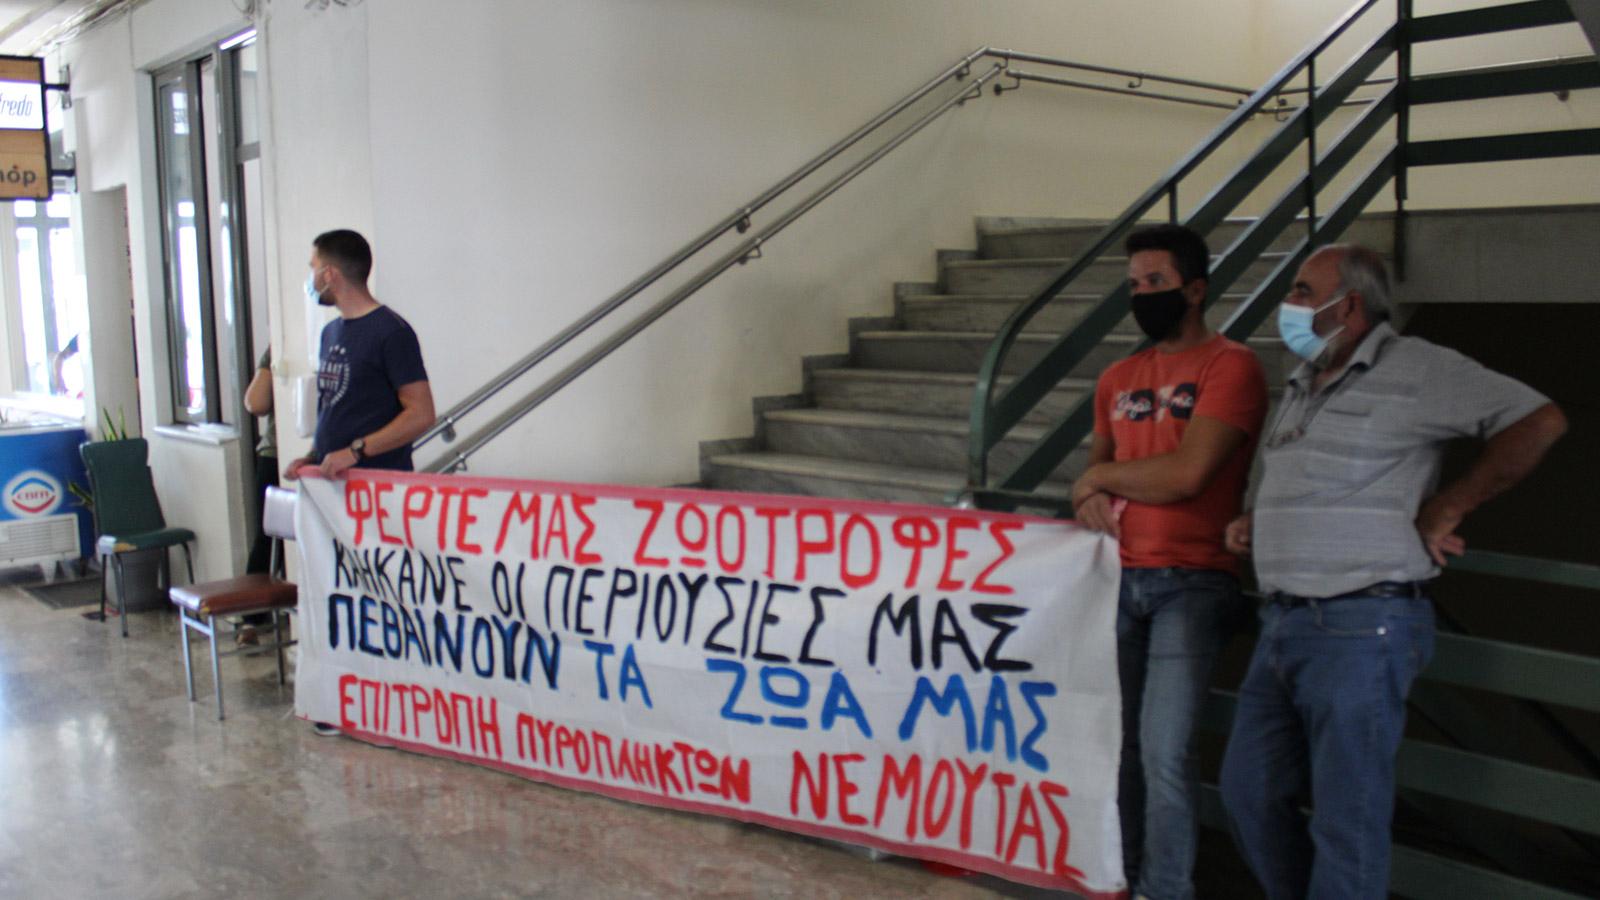 Συντονιστική Επιτροπή Πυροπλήκτων Ηλείας: Απέκλεισαν το κτίριο της ΠΕ Ηλείας στον Πύργο για άμεση αποκατάσταση των ζημιών τους στο 100% (ΒΙΝΤΕΟ-photos}